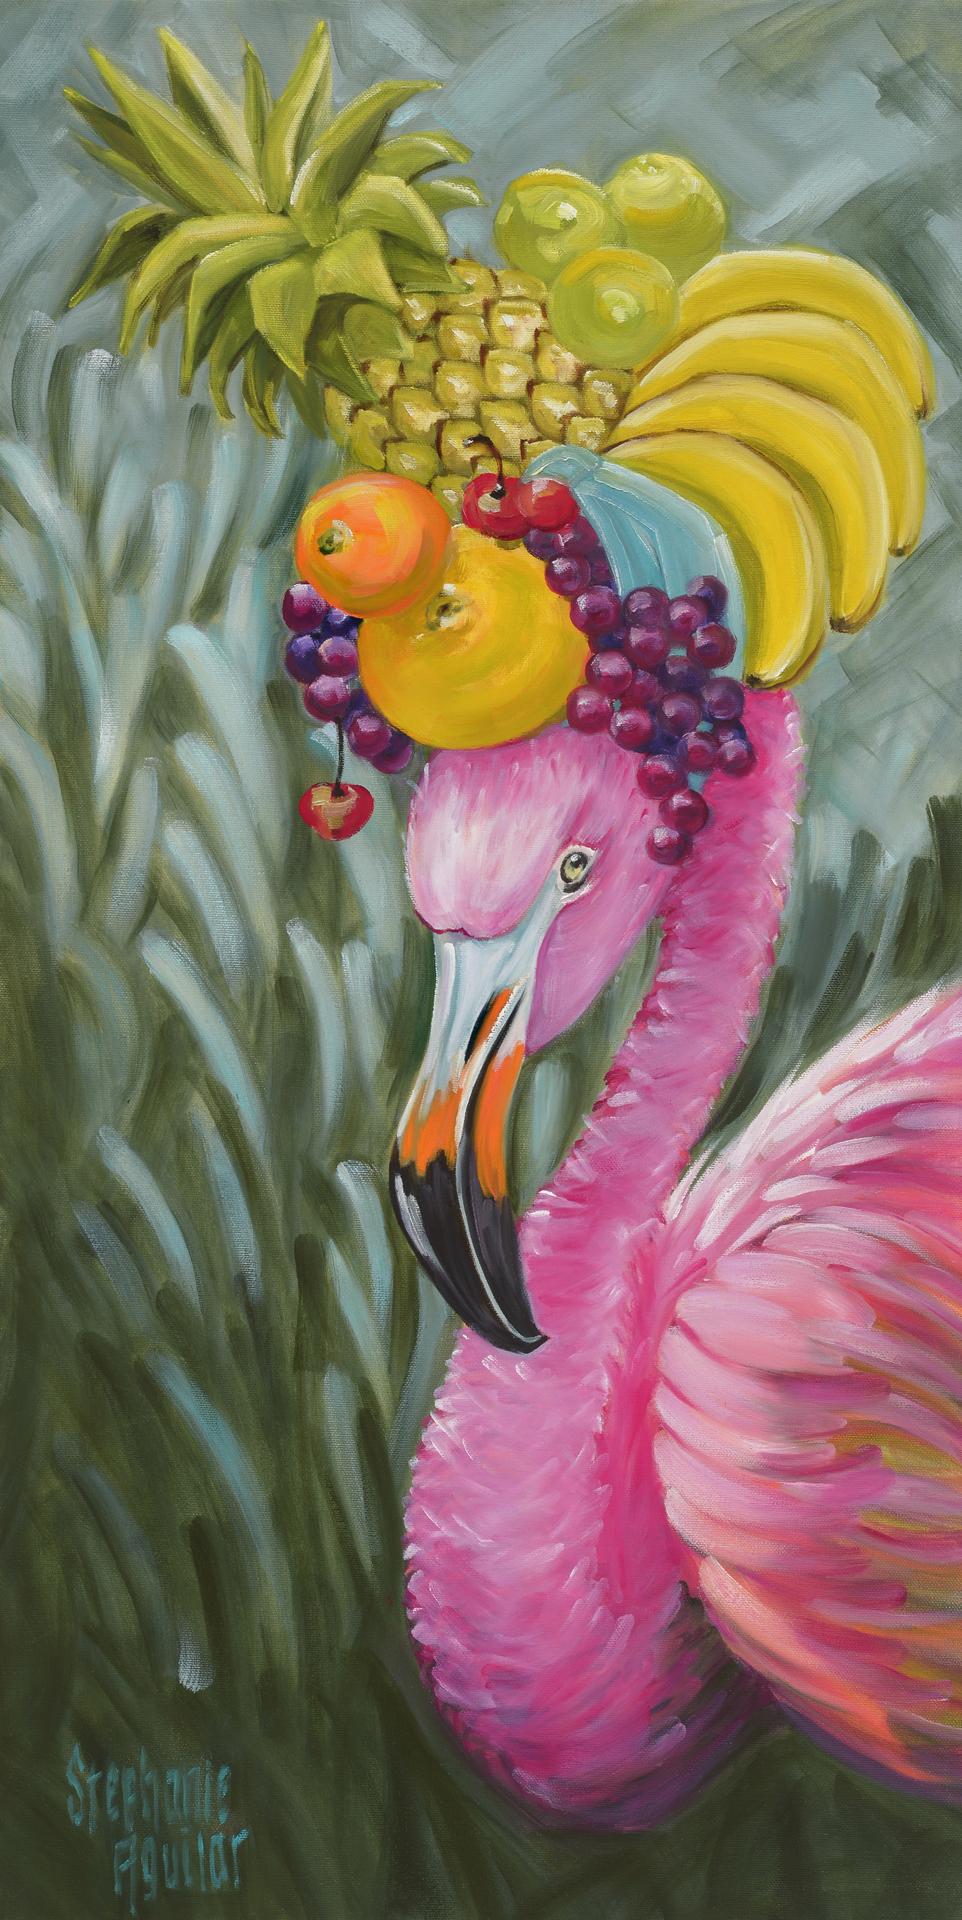 Flamingo with Fruit Basket FWDcopy.jpg